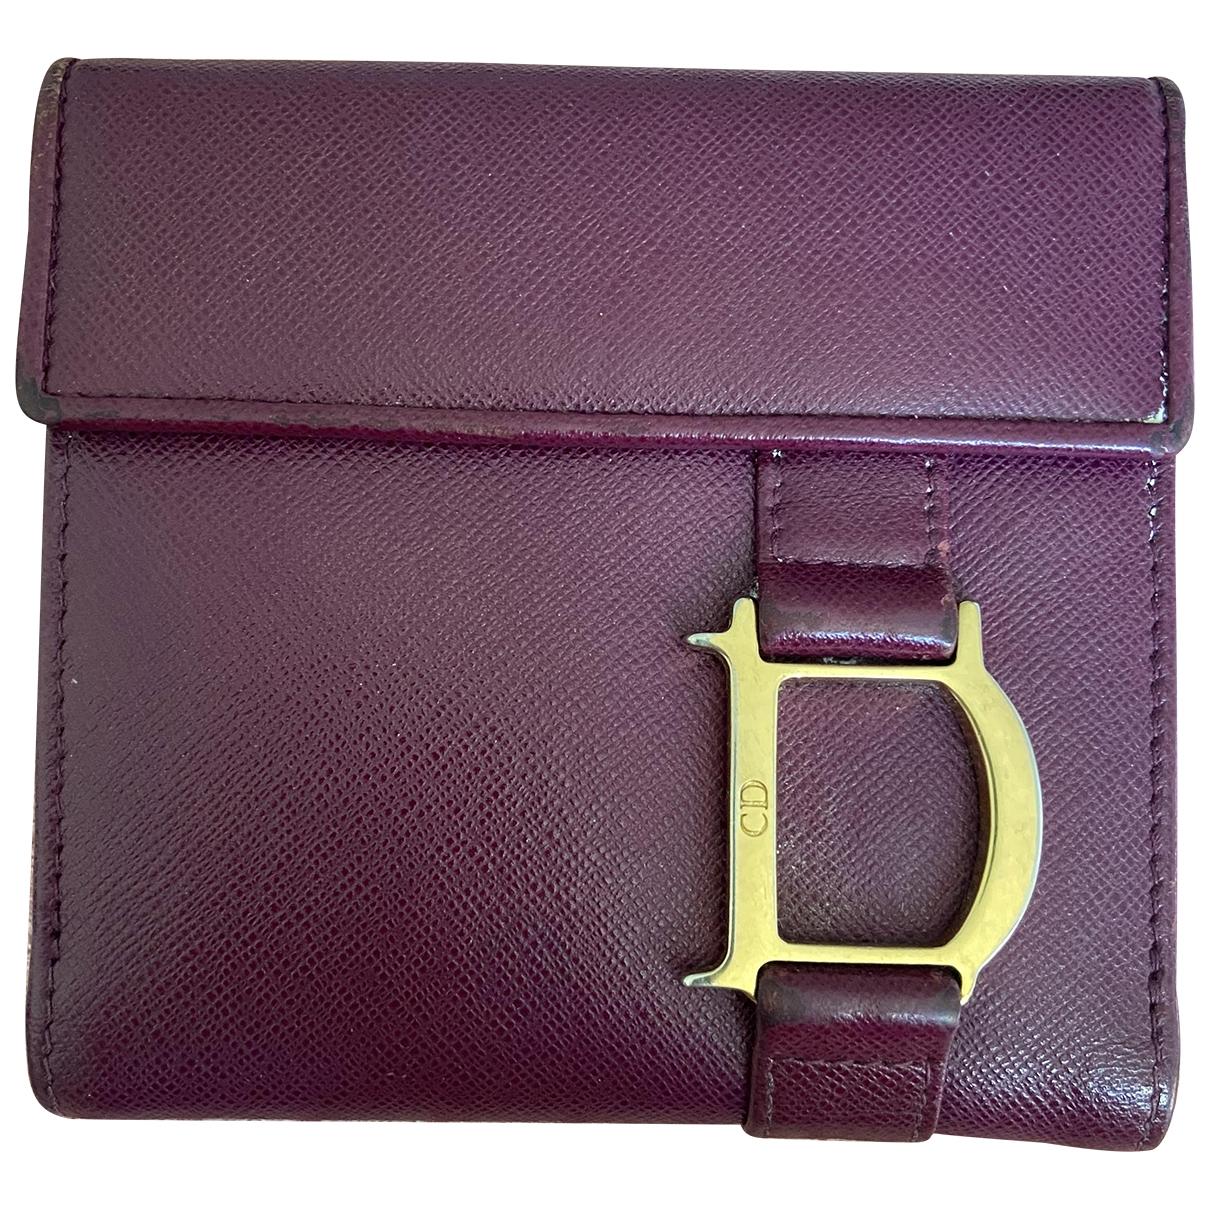 Dior - Portefeuille   pour femme en cuir - violet